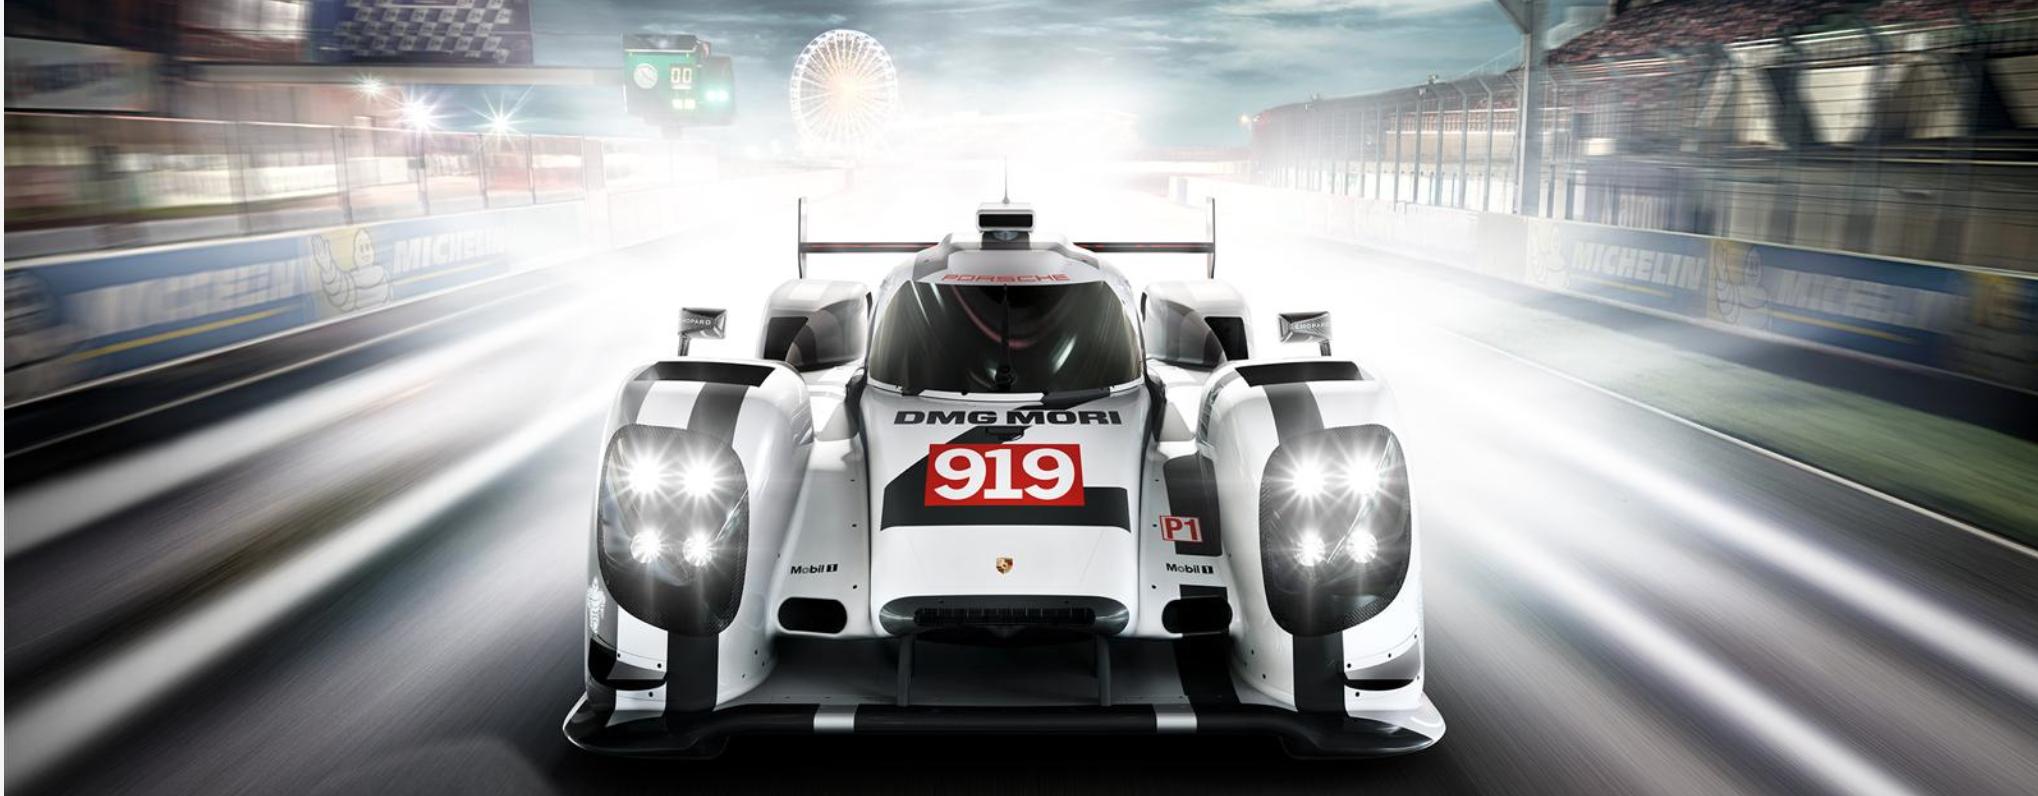 Public Viewing vom Le Mans Rennen am Porsche Museum